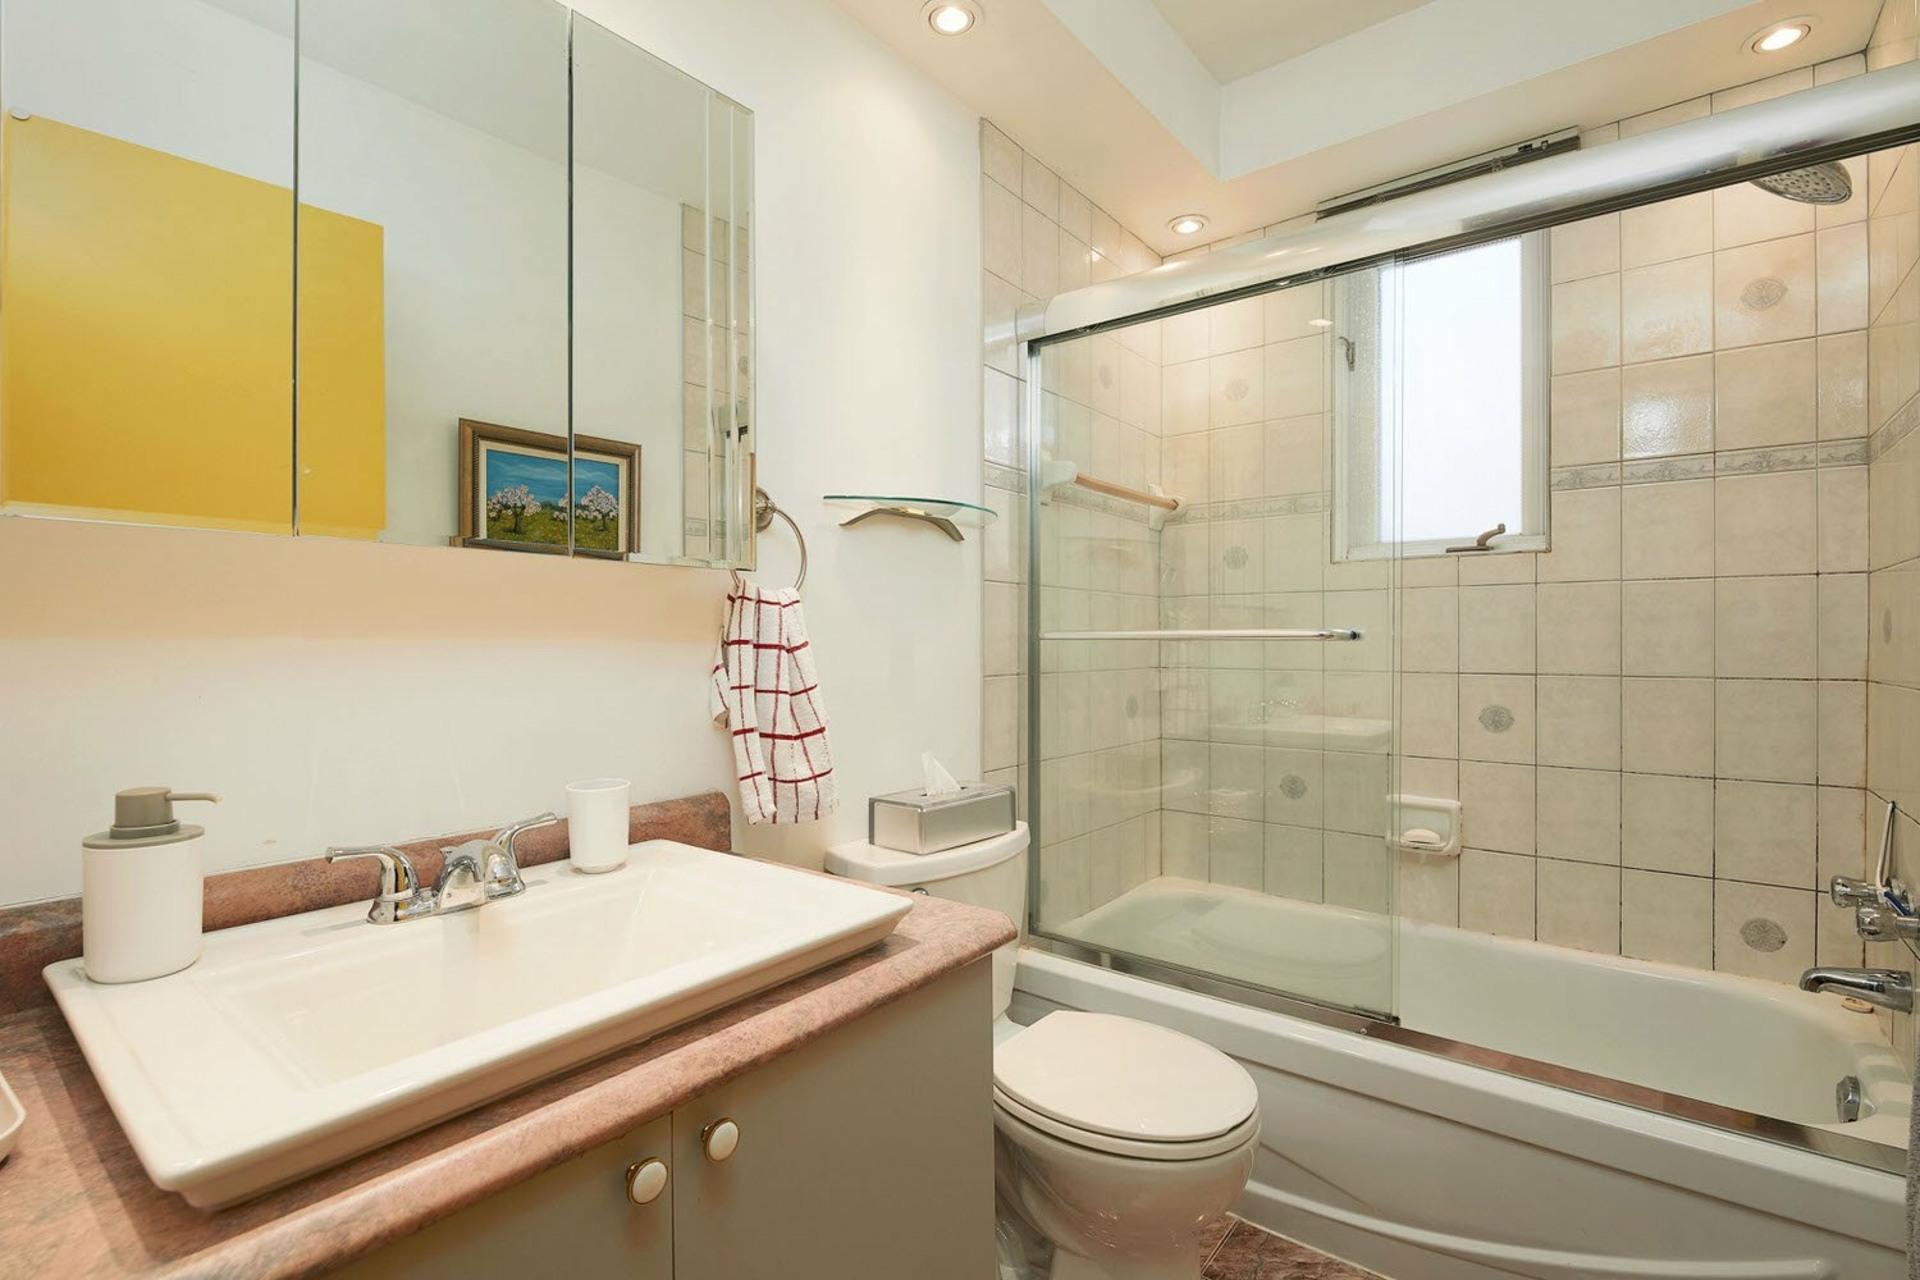 image 8 - Appartement À vendre Le Plateau-Mont-Royal Montréal  - 6 pièces